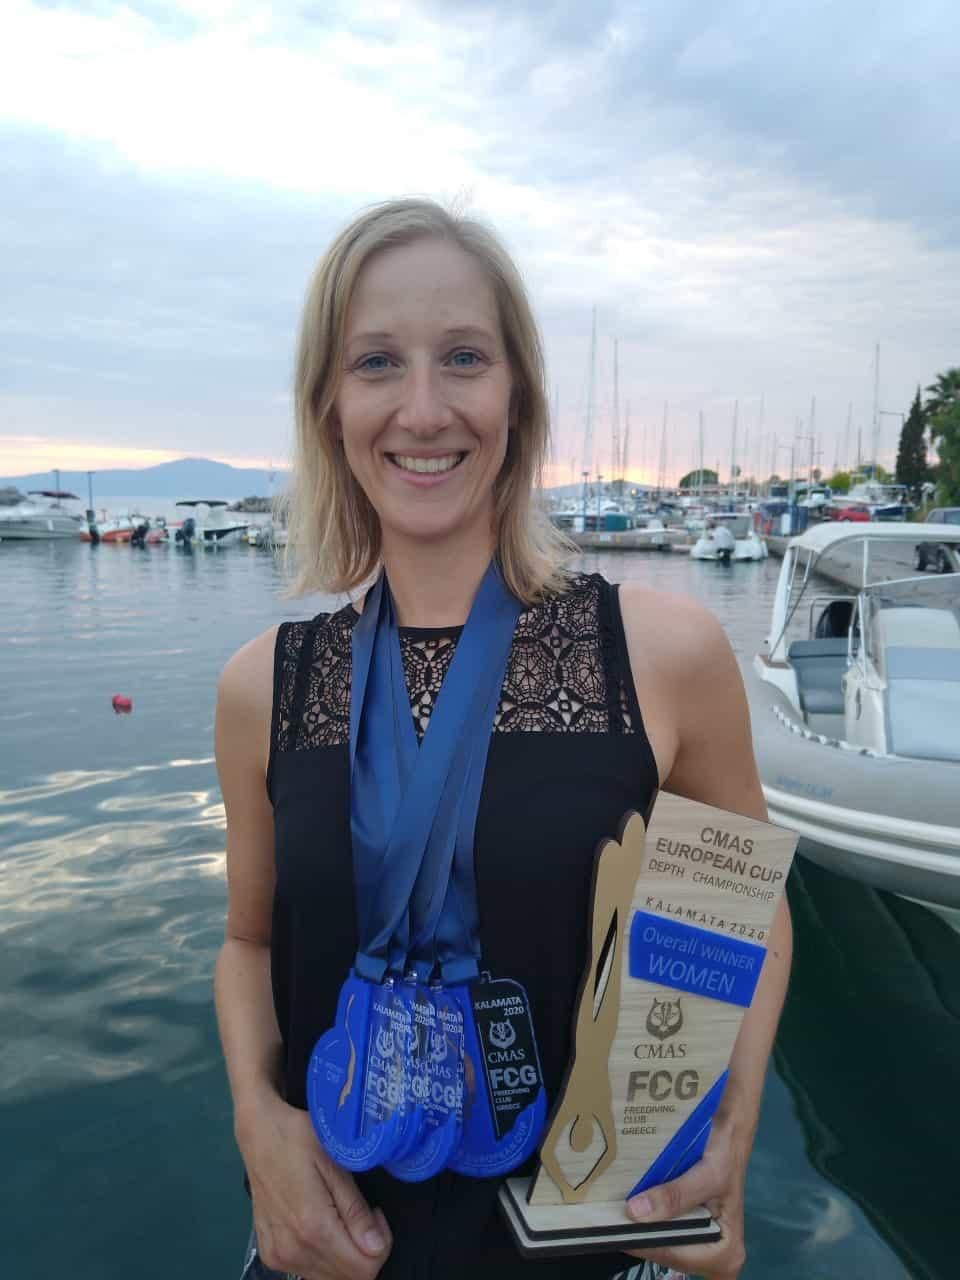 Jennifer vor dem Wasser mit Medaillen und Pokalen